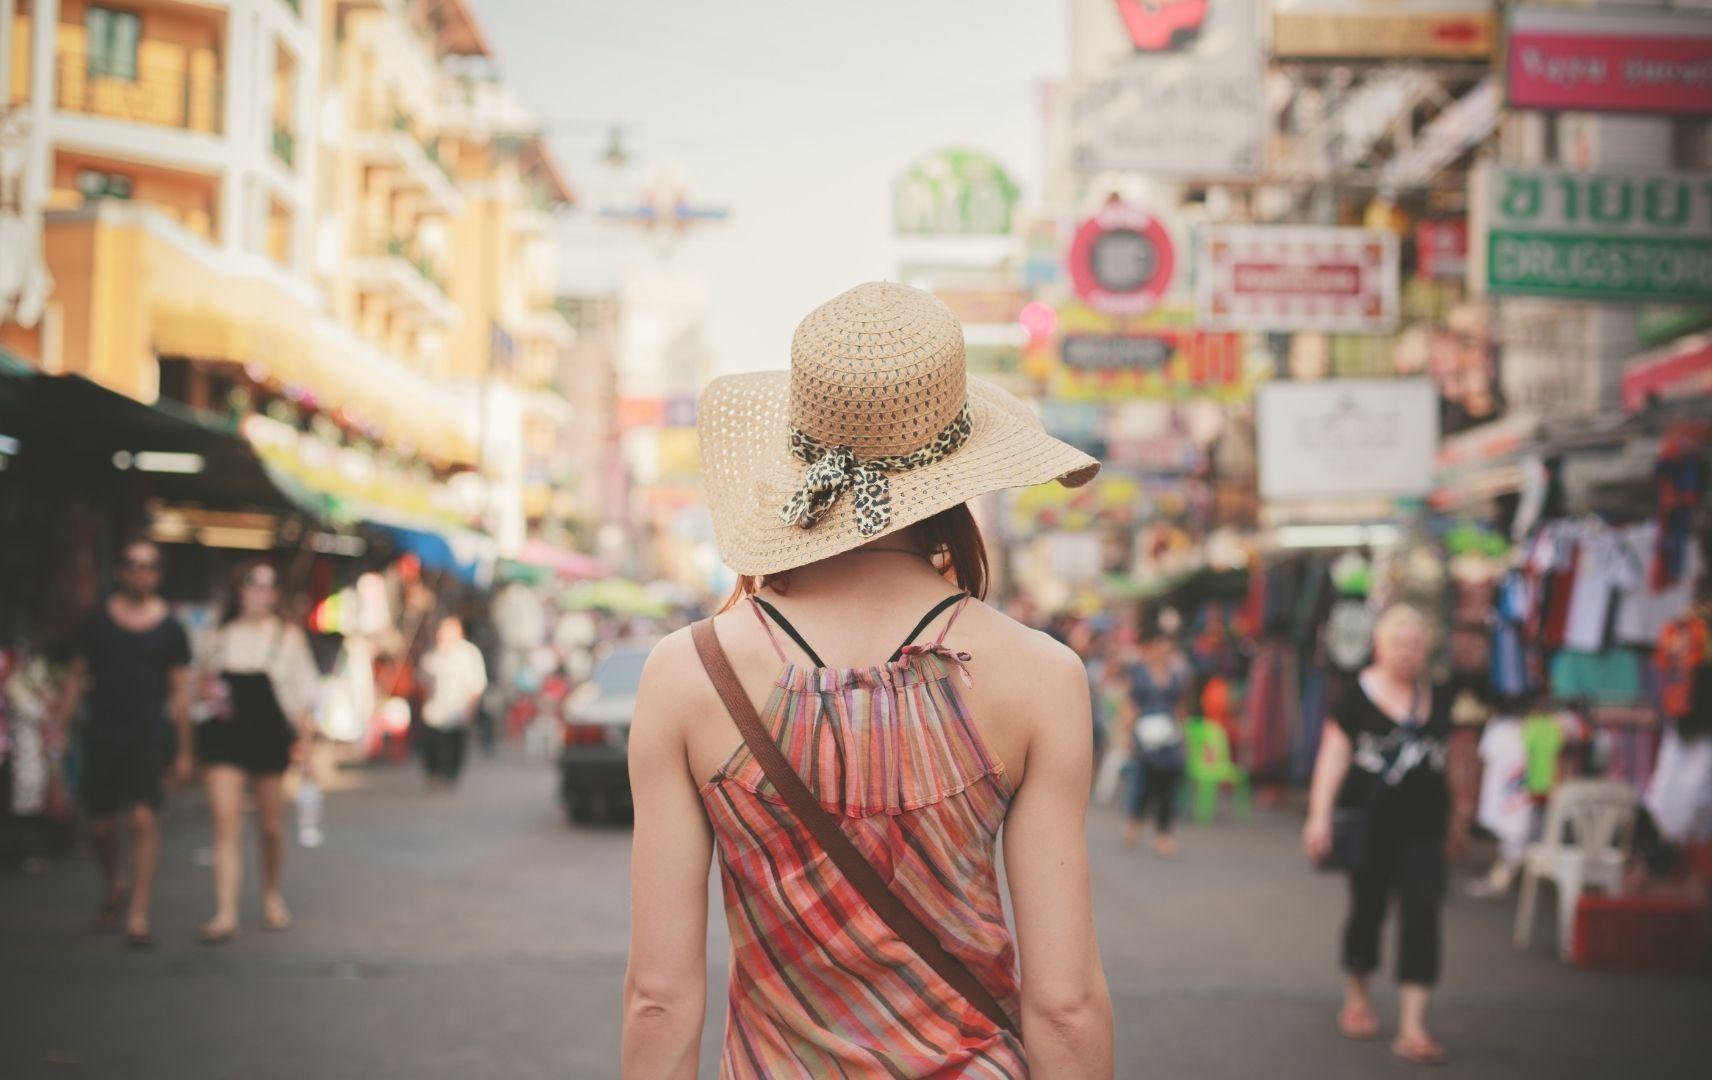 Fernreise Asien - Bangkok City